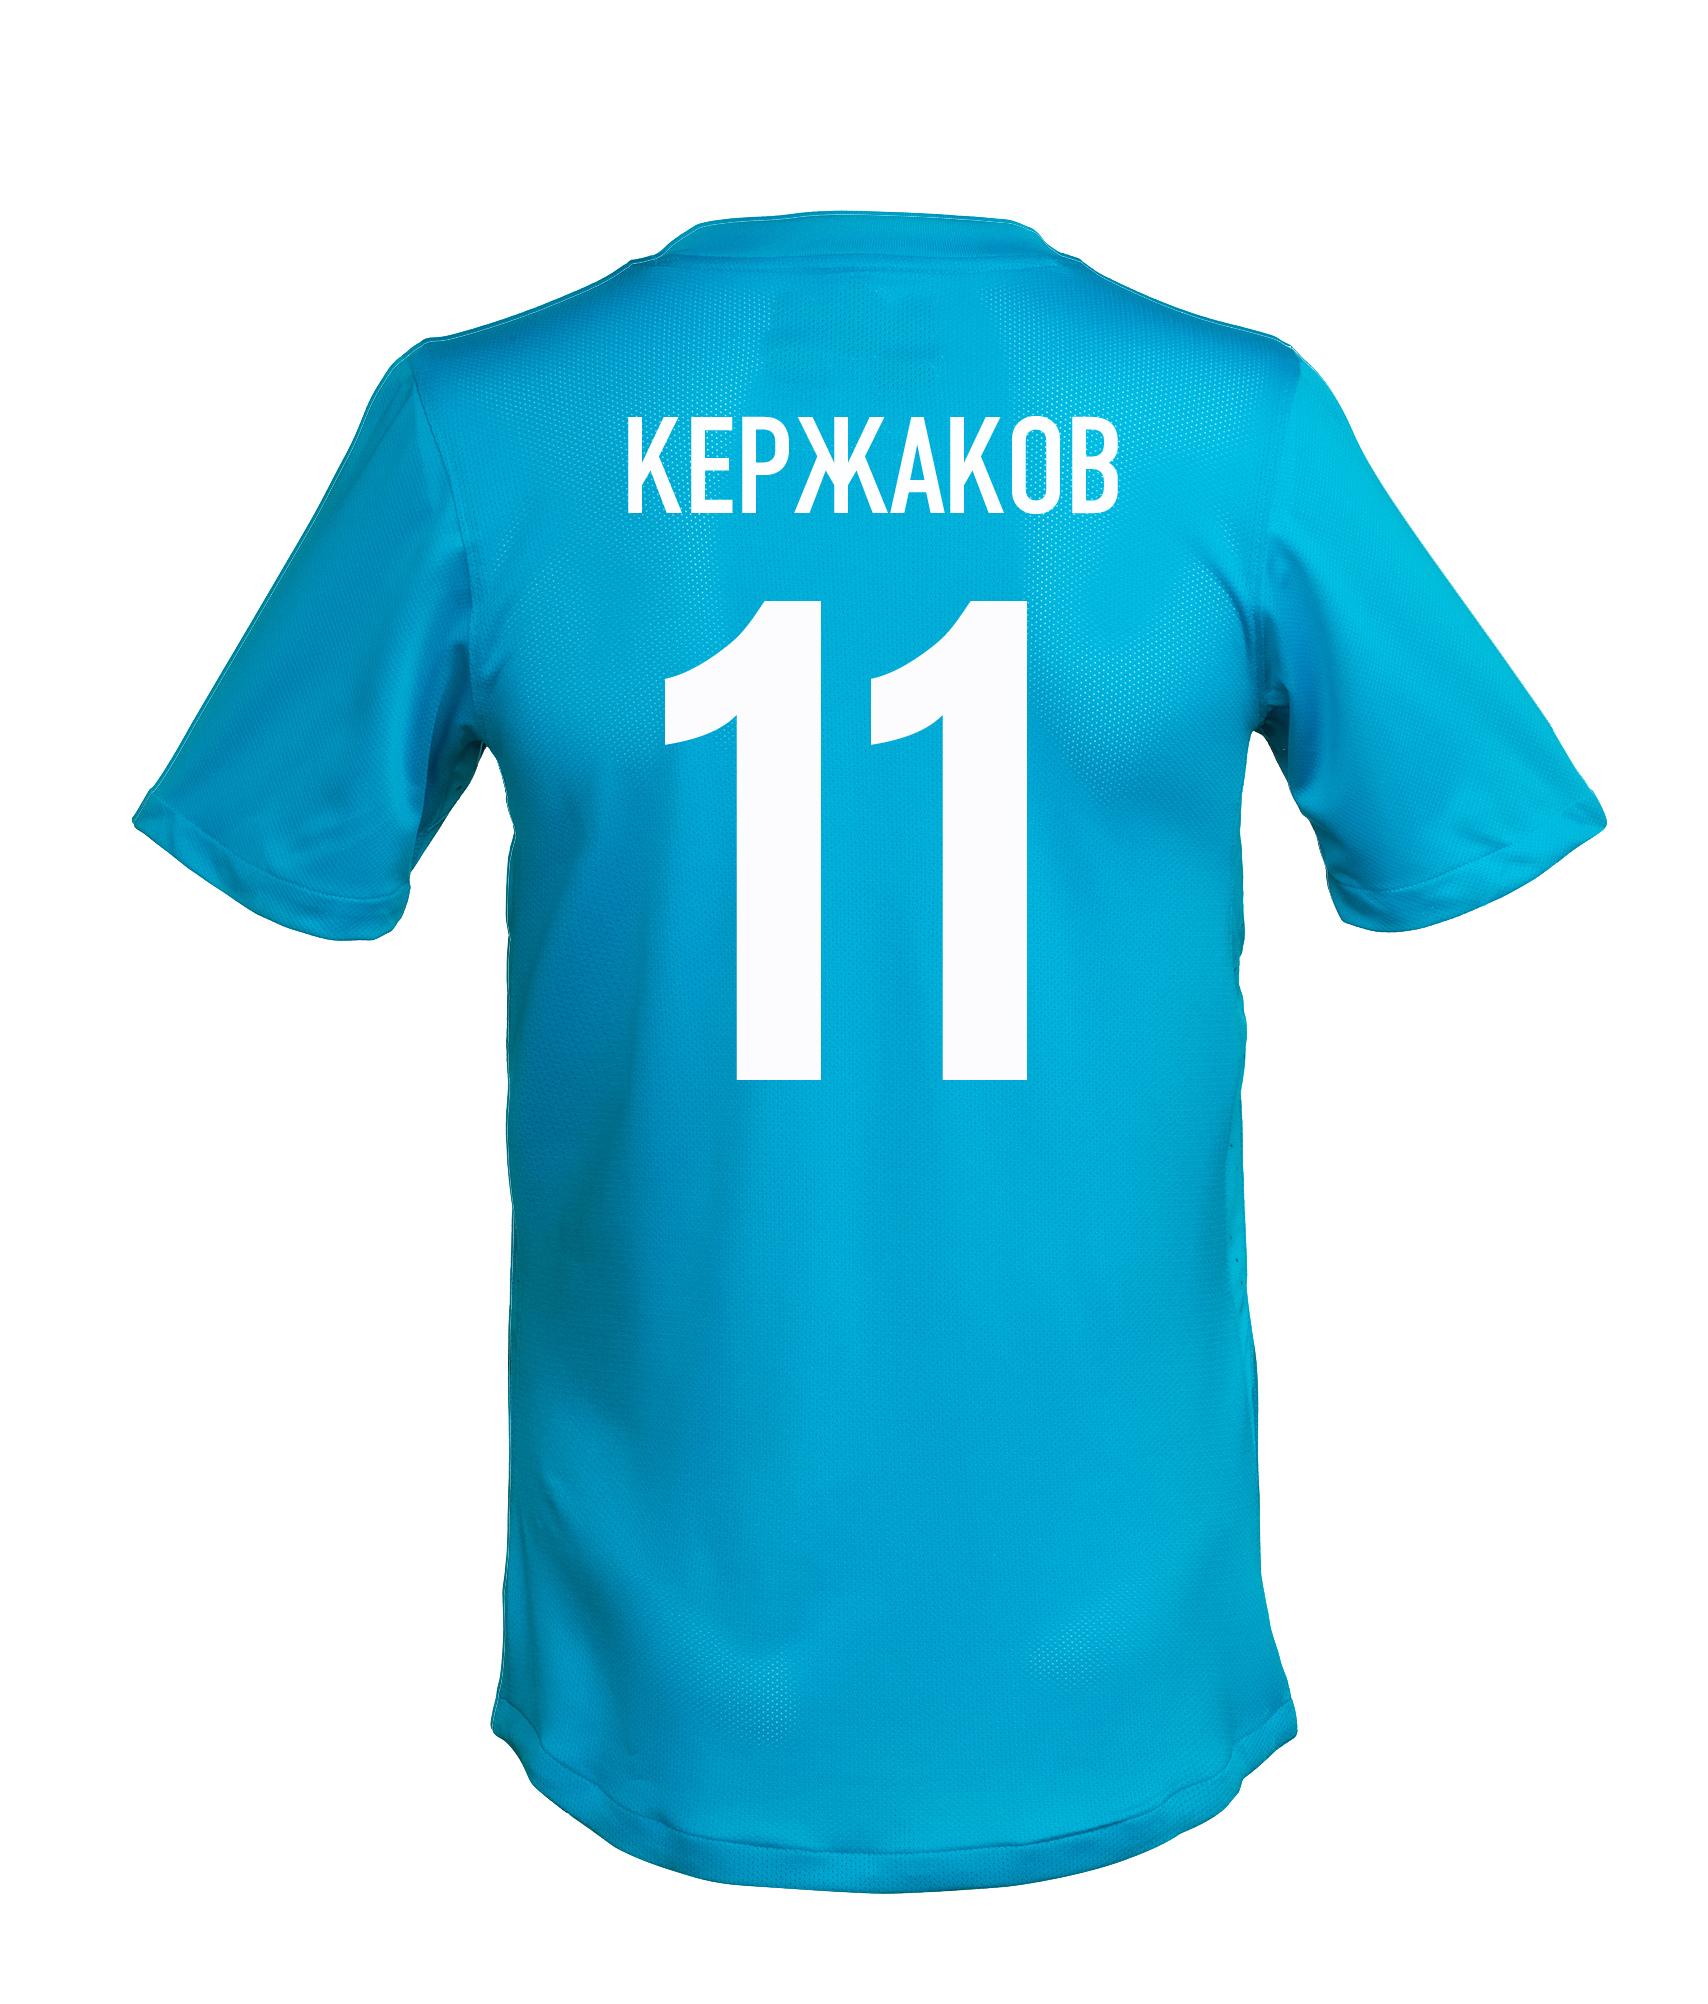 Игровая футболка с фамилией и номером А. Кержакова, Цвет-Синий, Размер-L